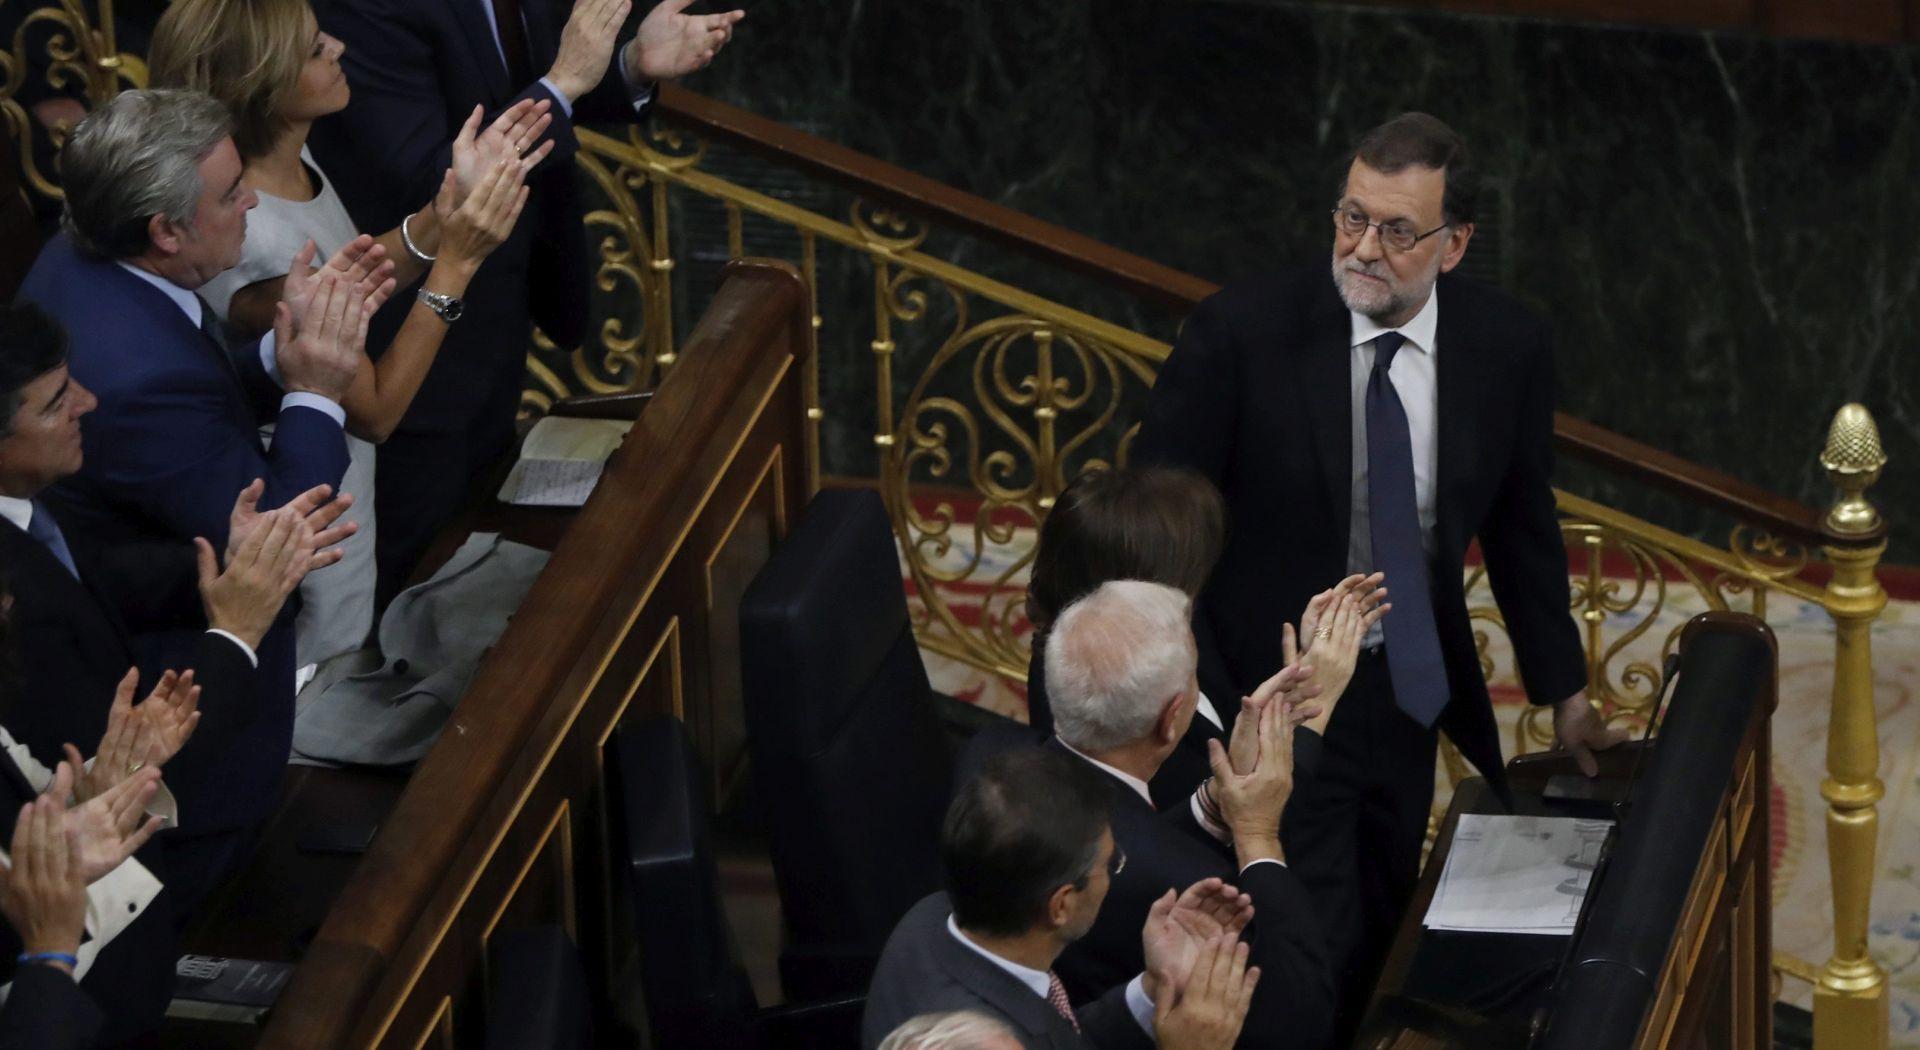 Rajoyeva vlada dobila povjerenje parlamenta